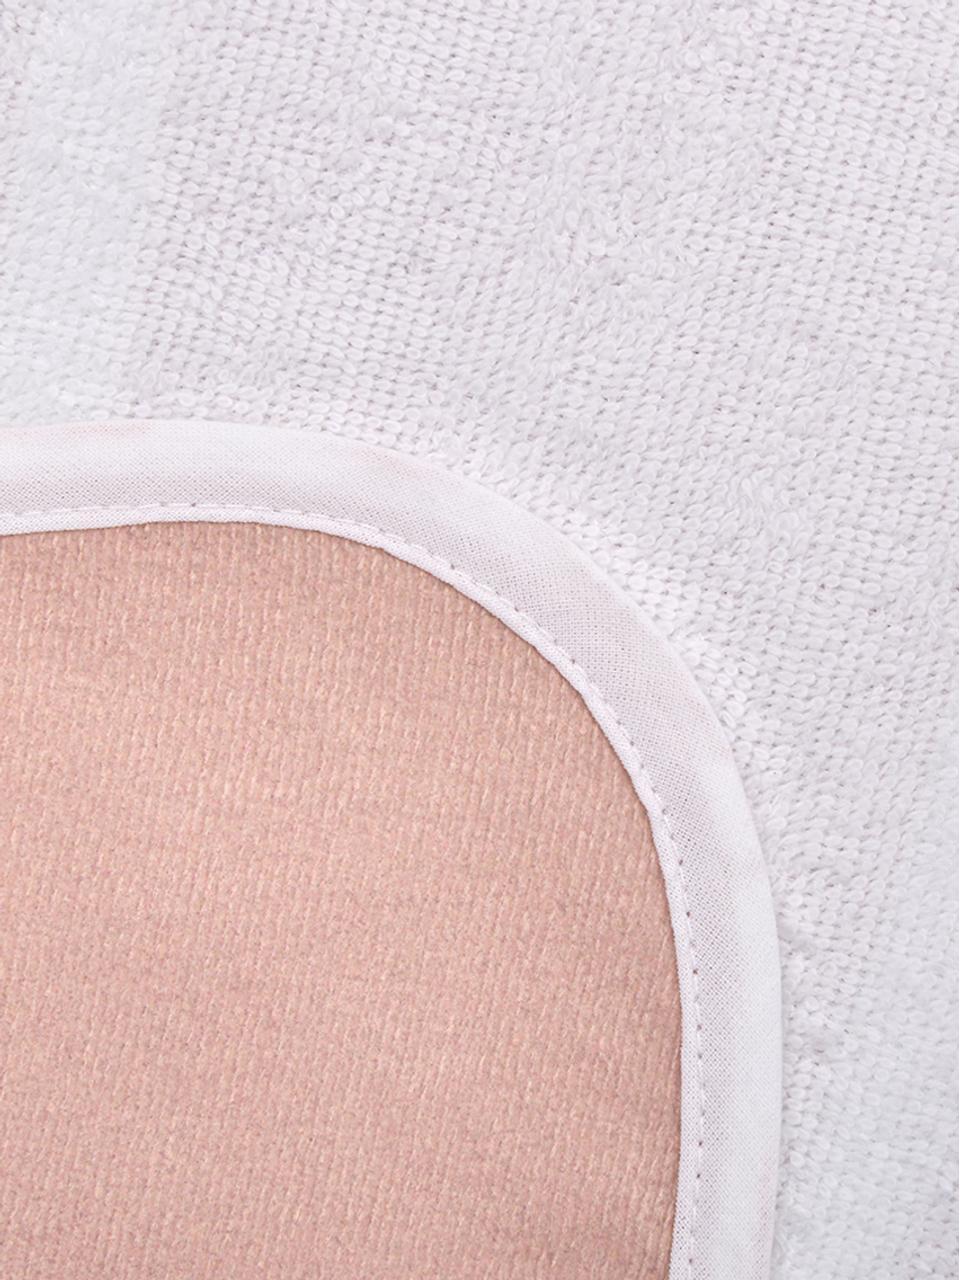 Telo mare a forma di conchiglia Shelly, 55% poliestere, 45% cotone Qualità molto leggera 340 g/m², Rosa, bianco, Larg. 150 x Lung. 130 cm